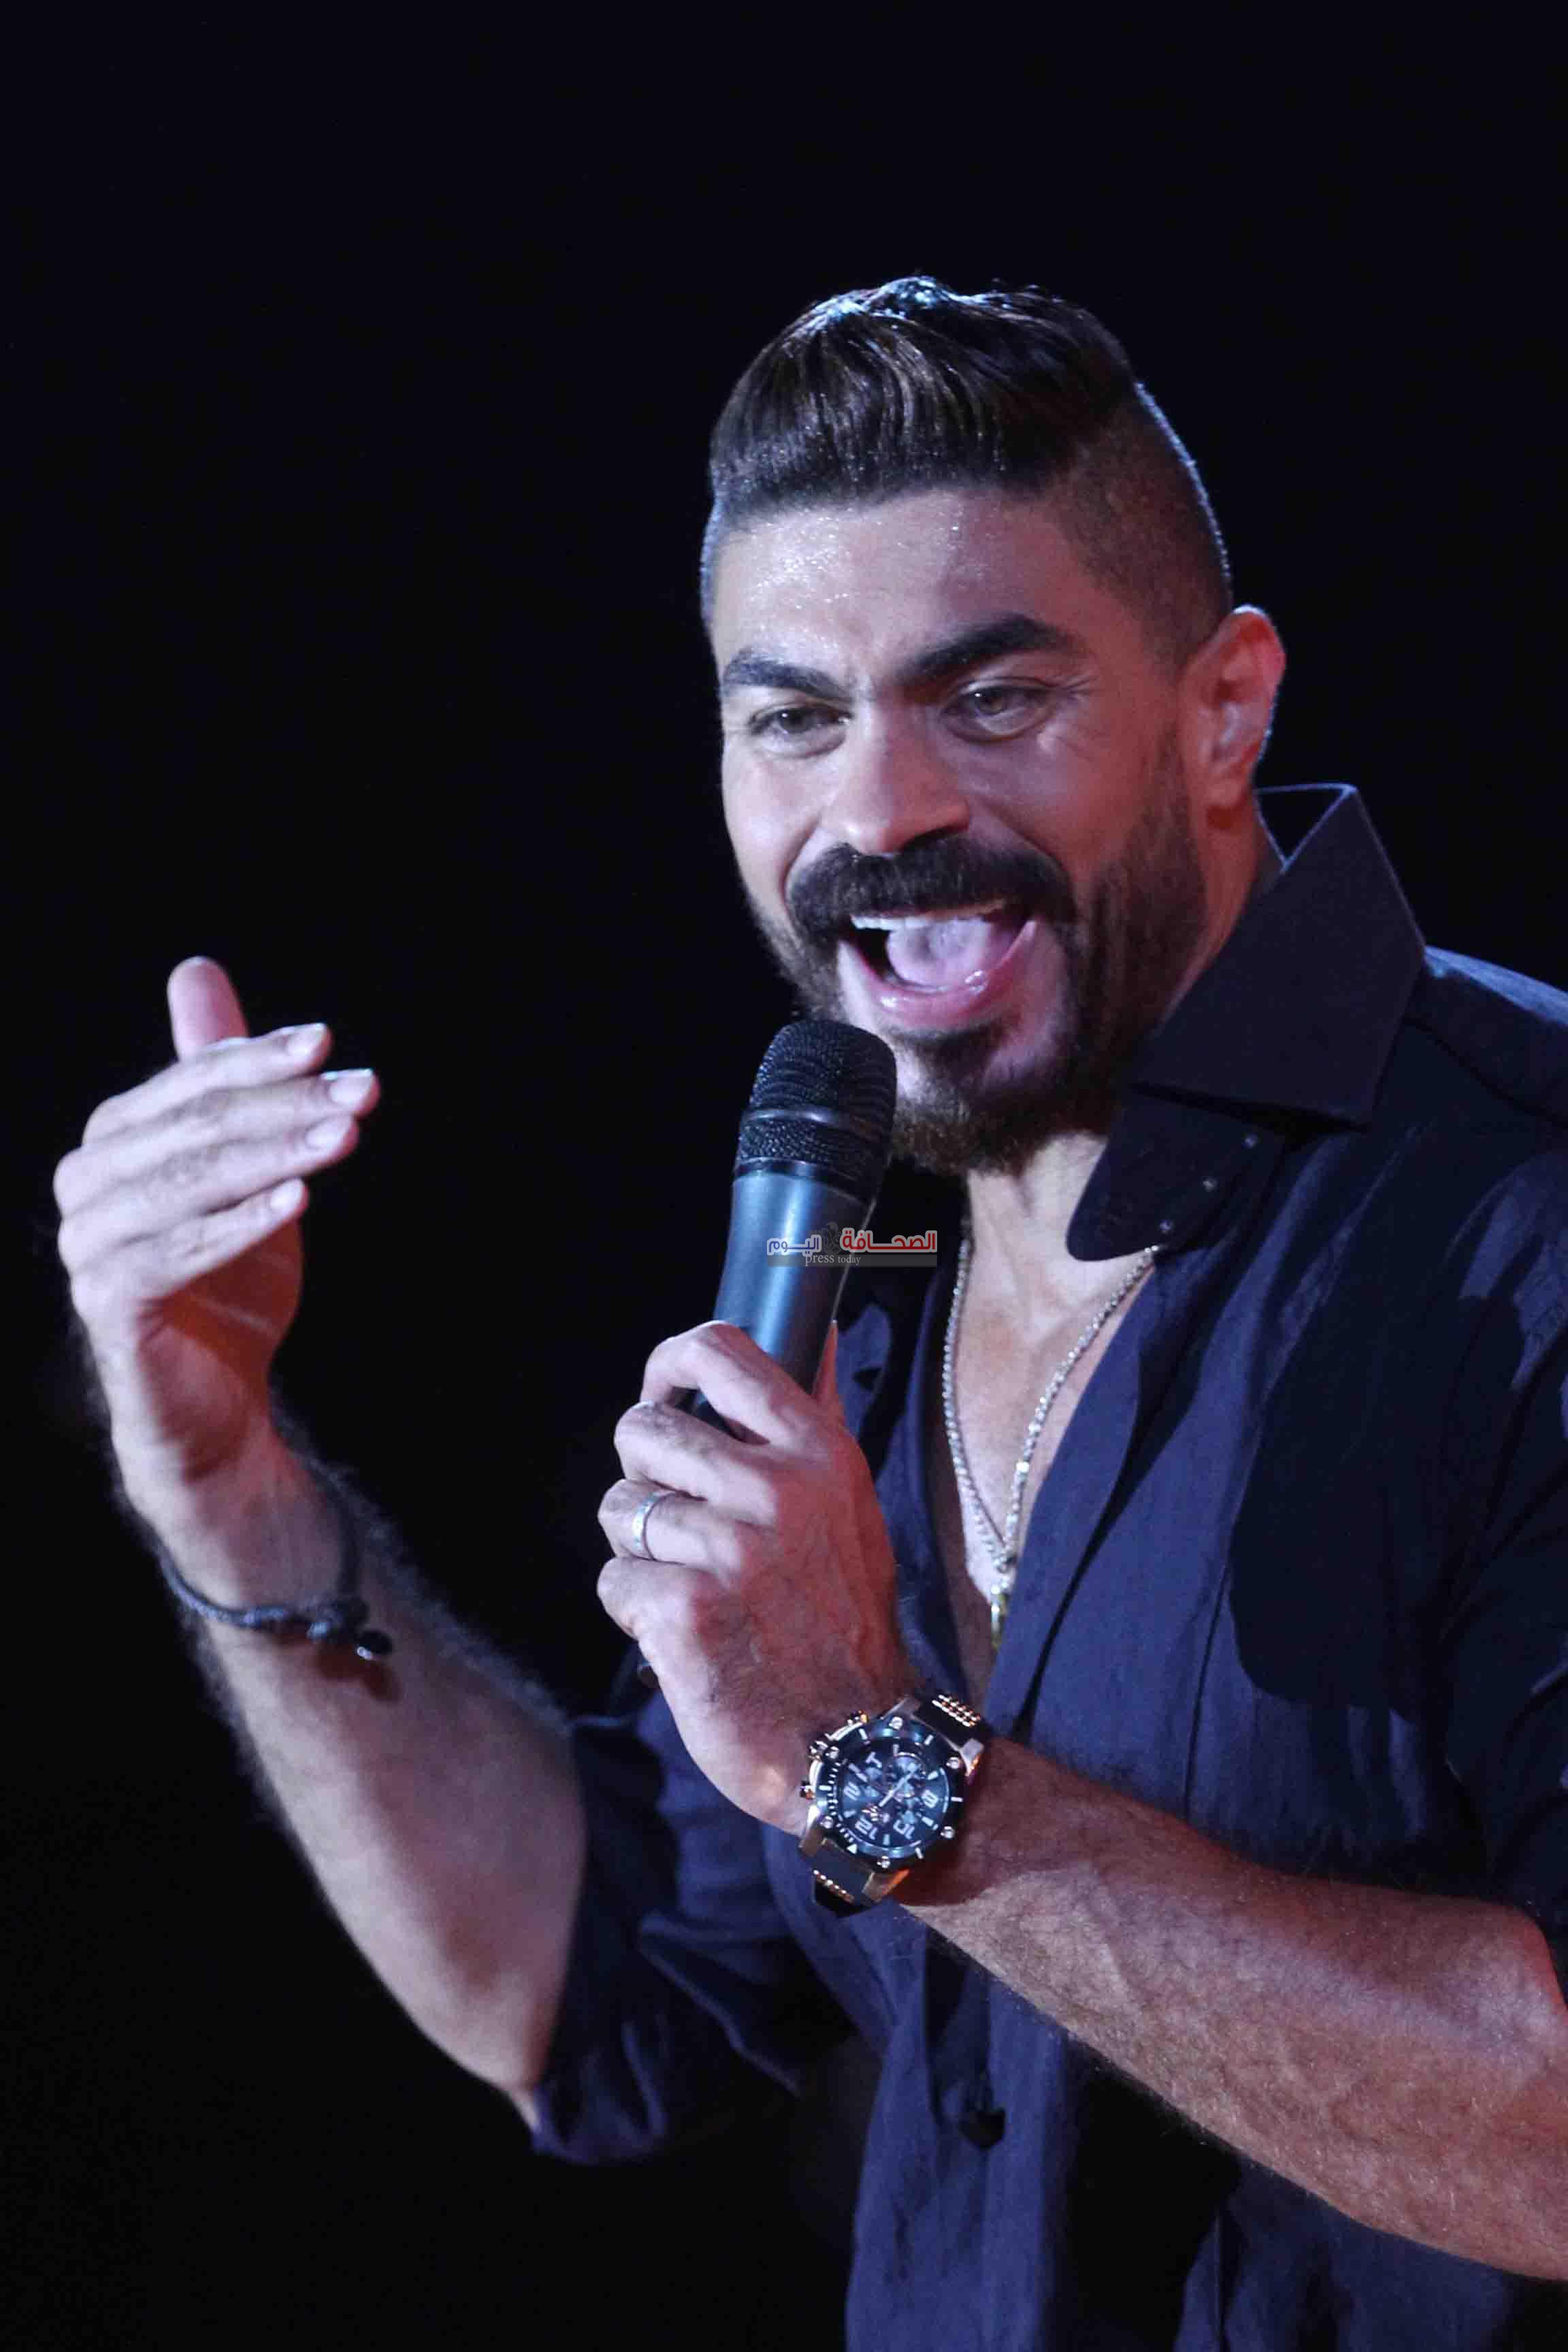 خالد سليم يلتقى بجمهور الاوبرا فى دمنهور والاسكندرية